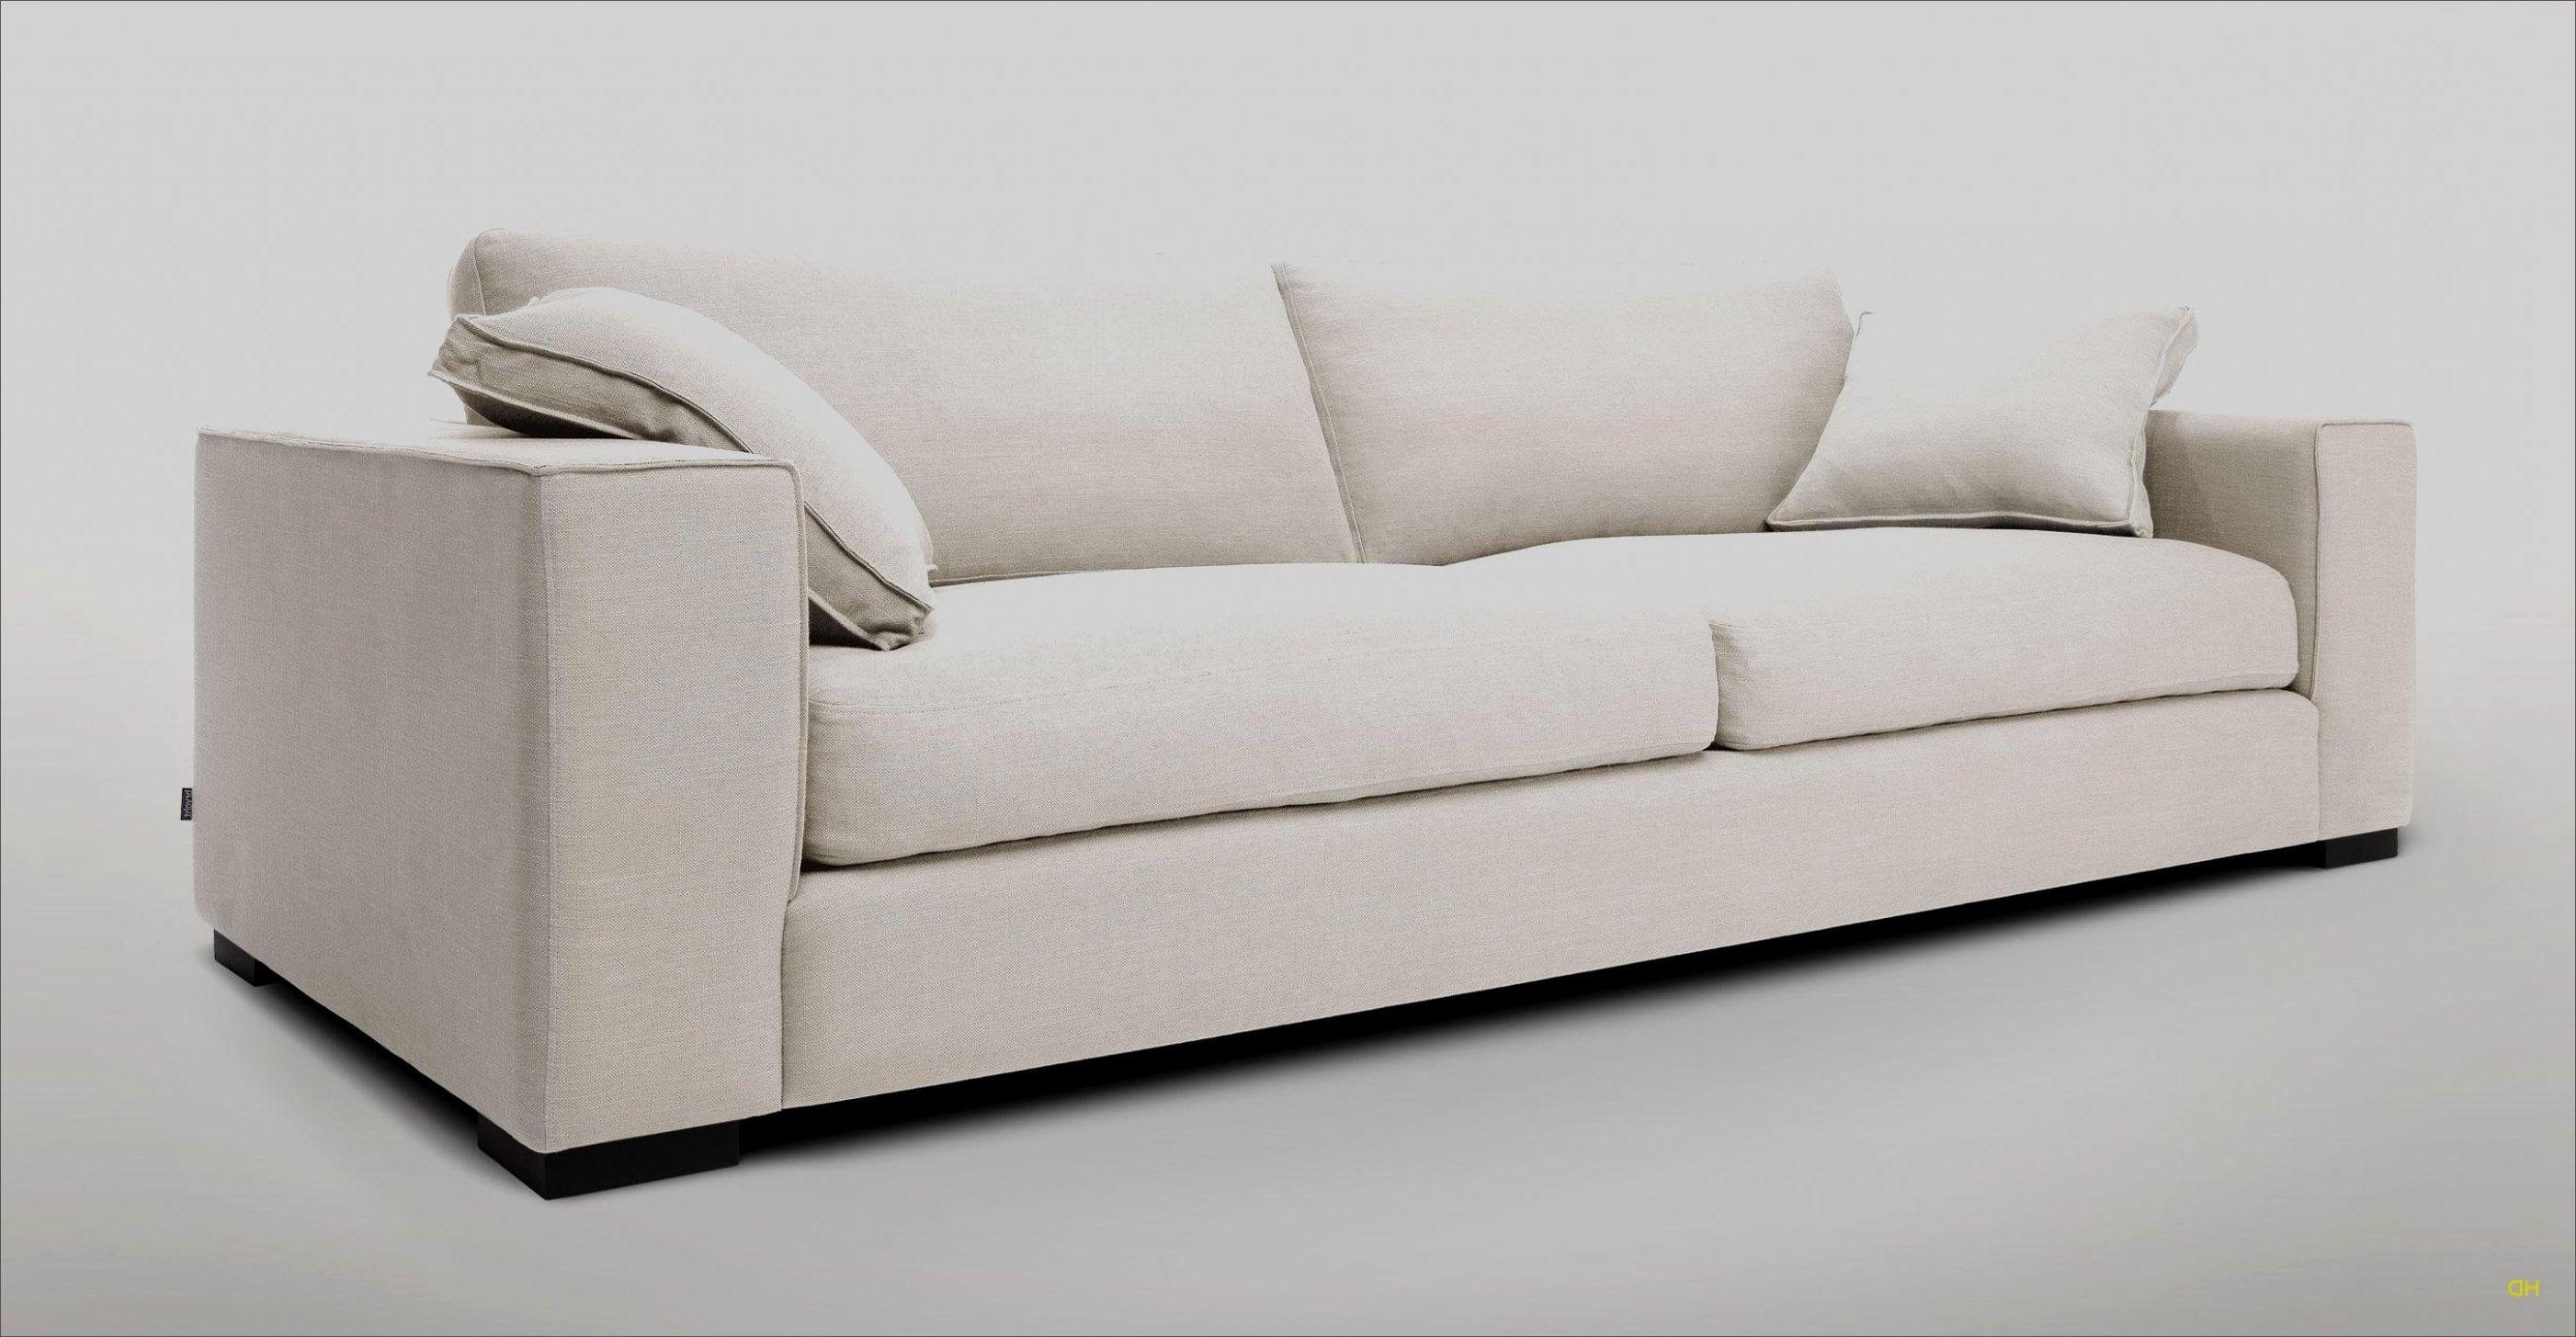 Sofas Modulares Conforama Ftd8 sofas Modulares Conforama Vaste Ikea Zweiersofa Inspirierend Elegant